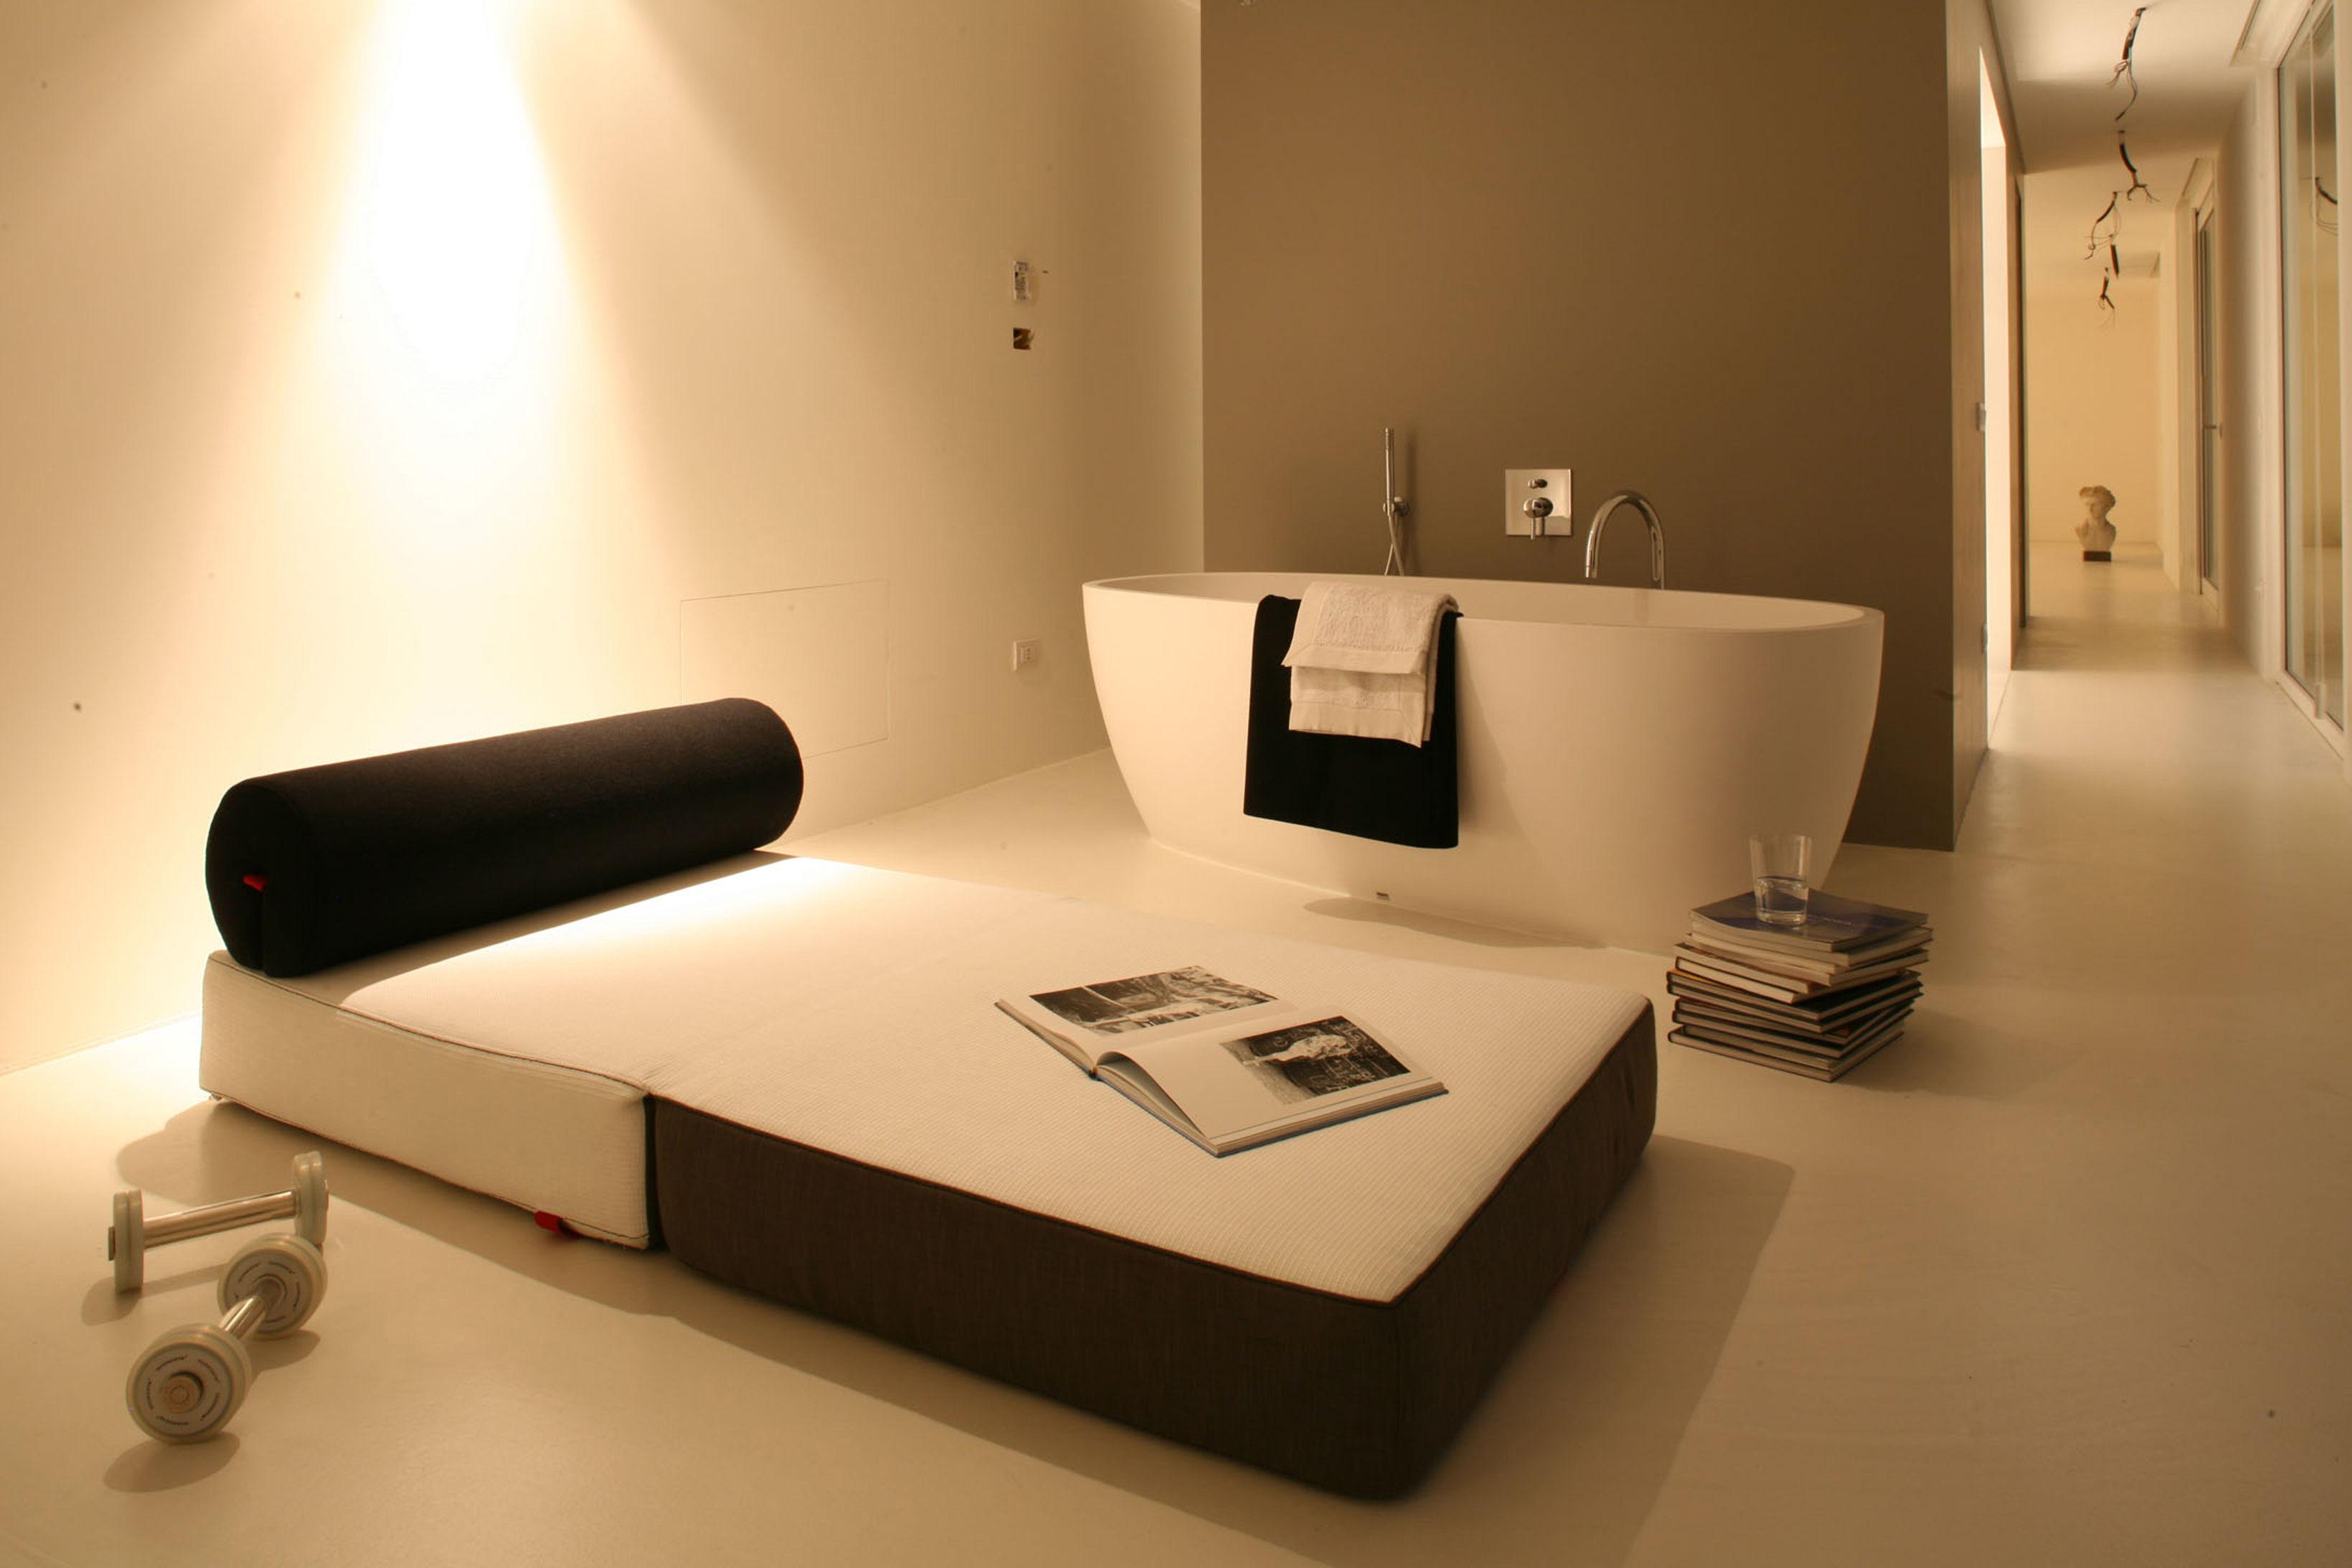 Lea 2 poltroncina convertibile trasformabile in letto di - Letto singolo di emergenza ...